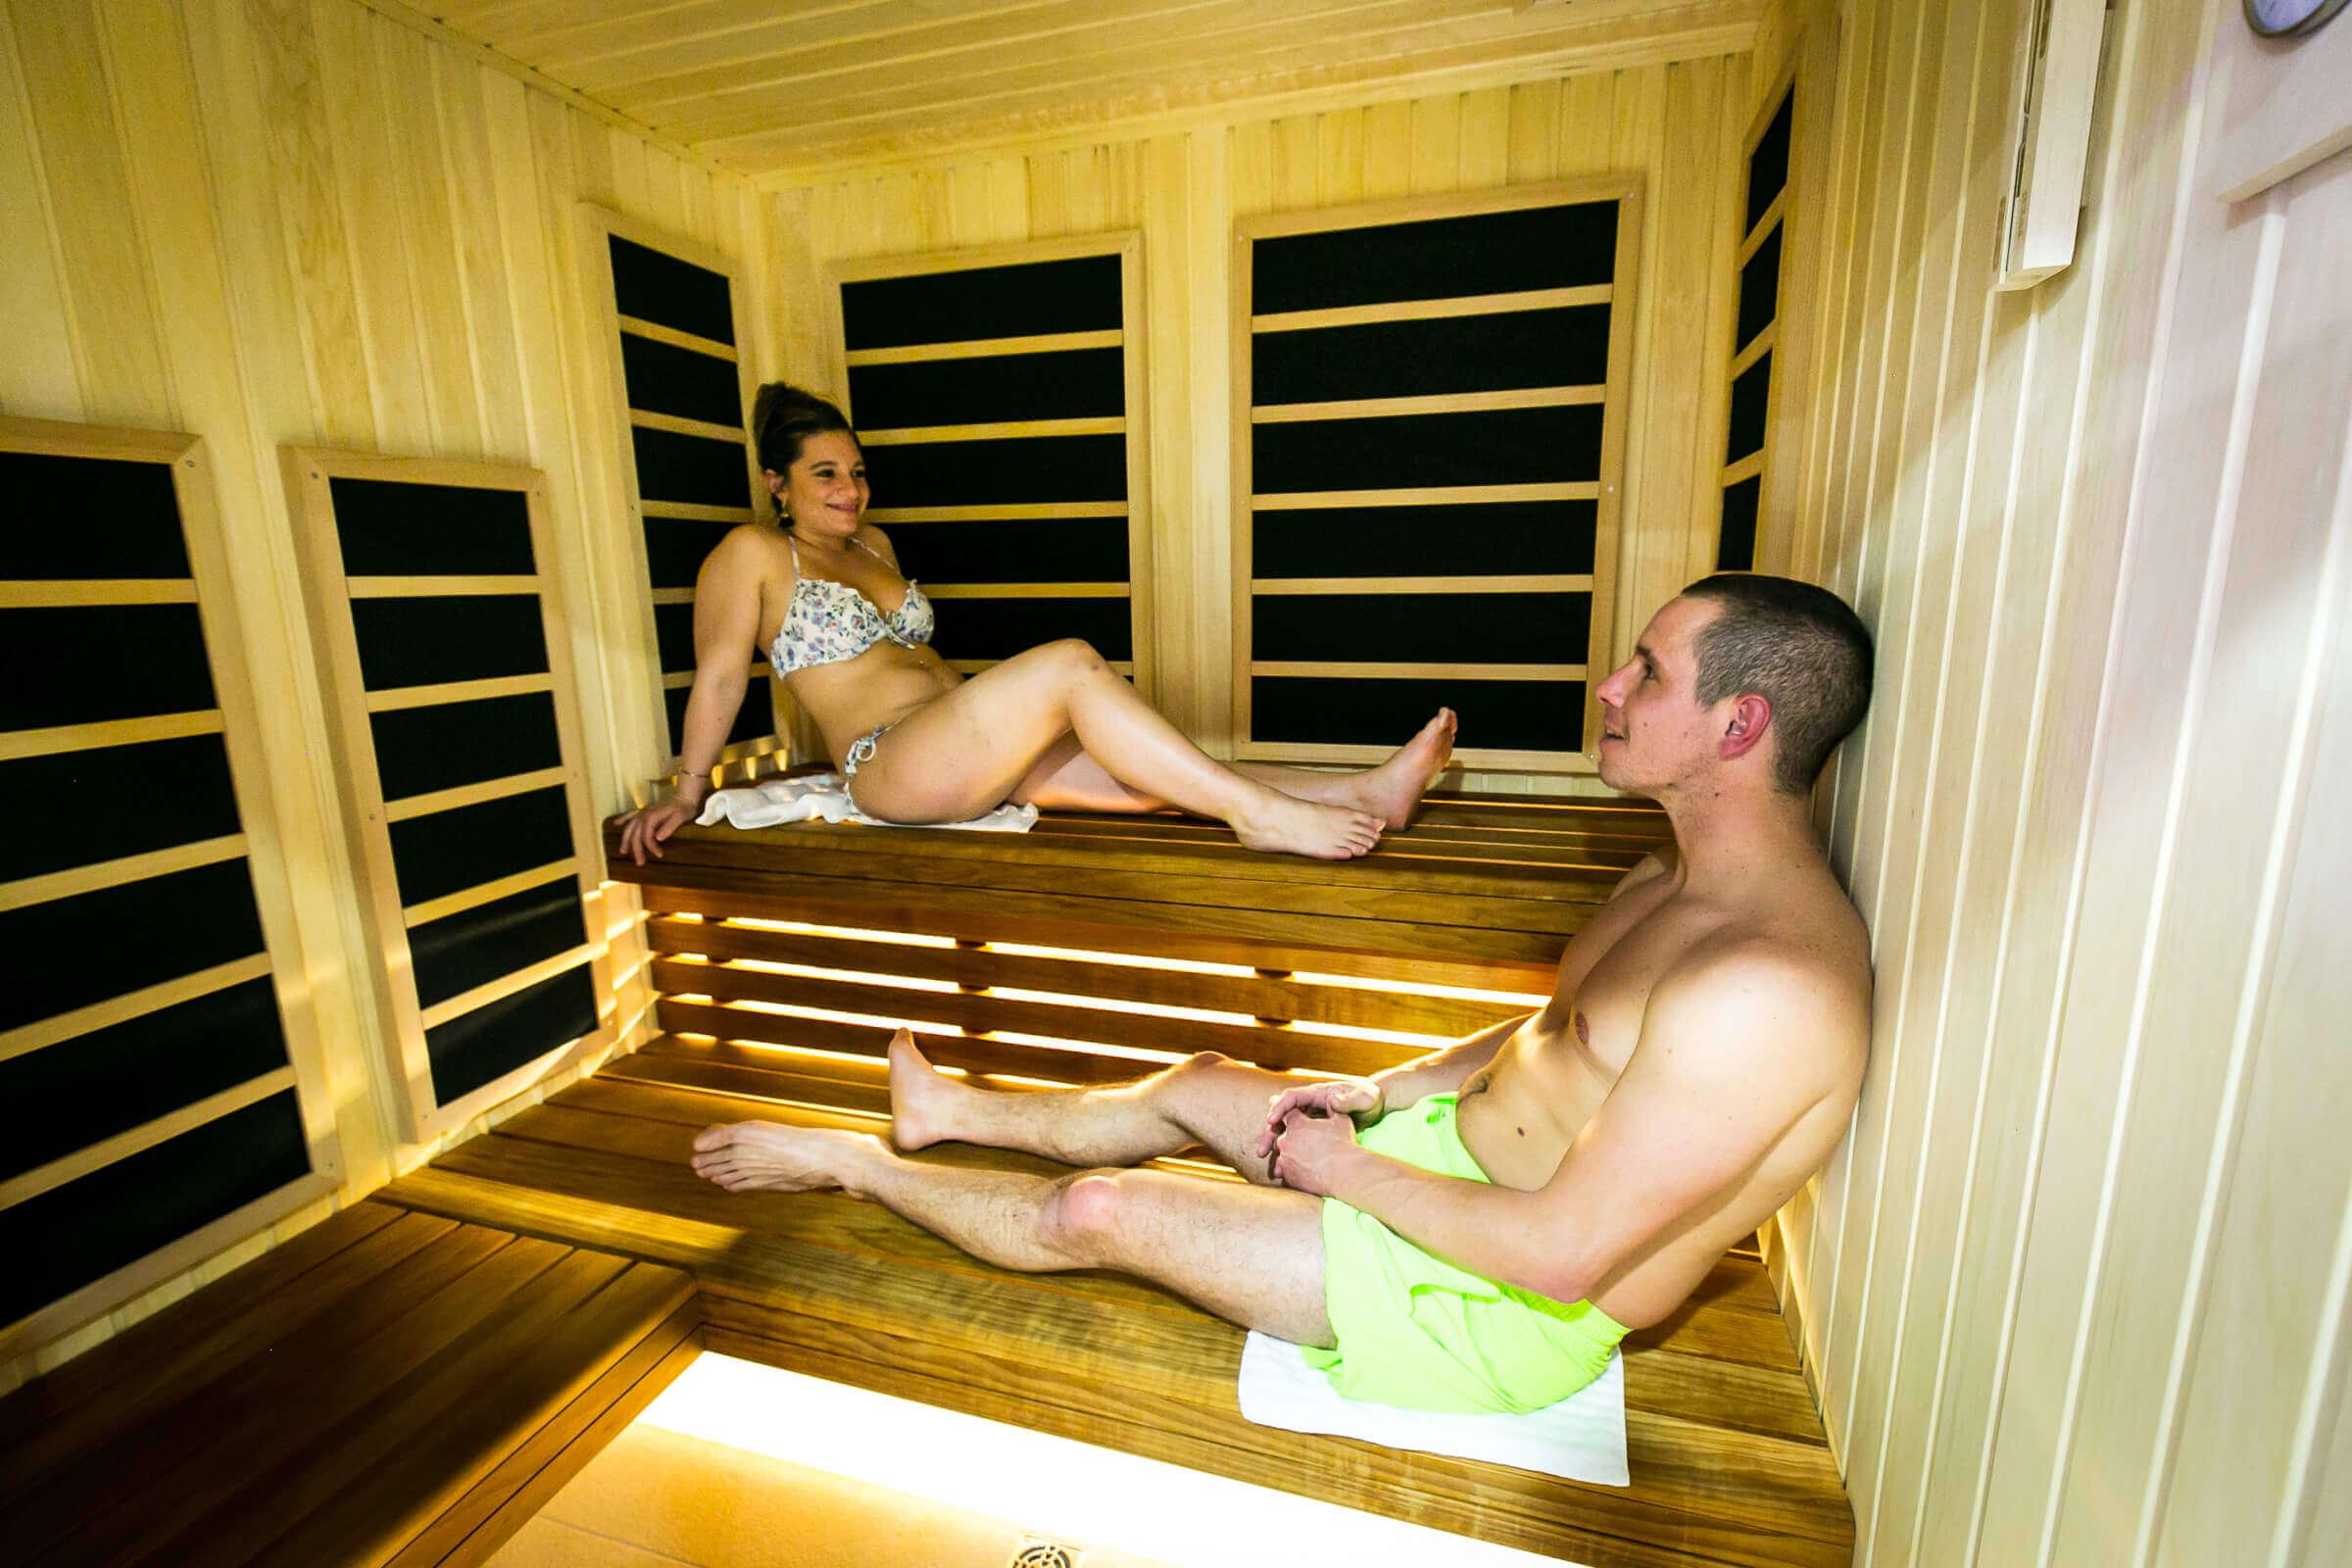 Profitez des bienfaits de nos saunas et hammam